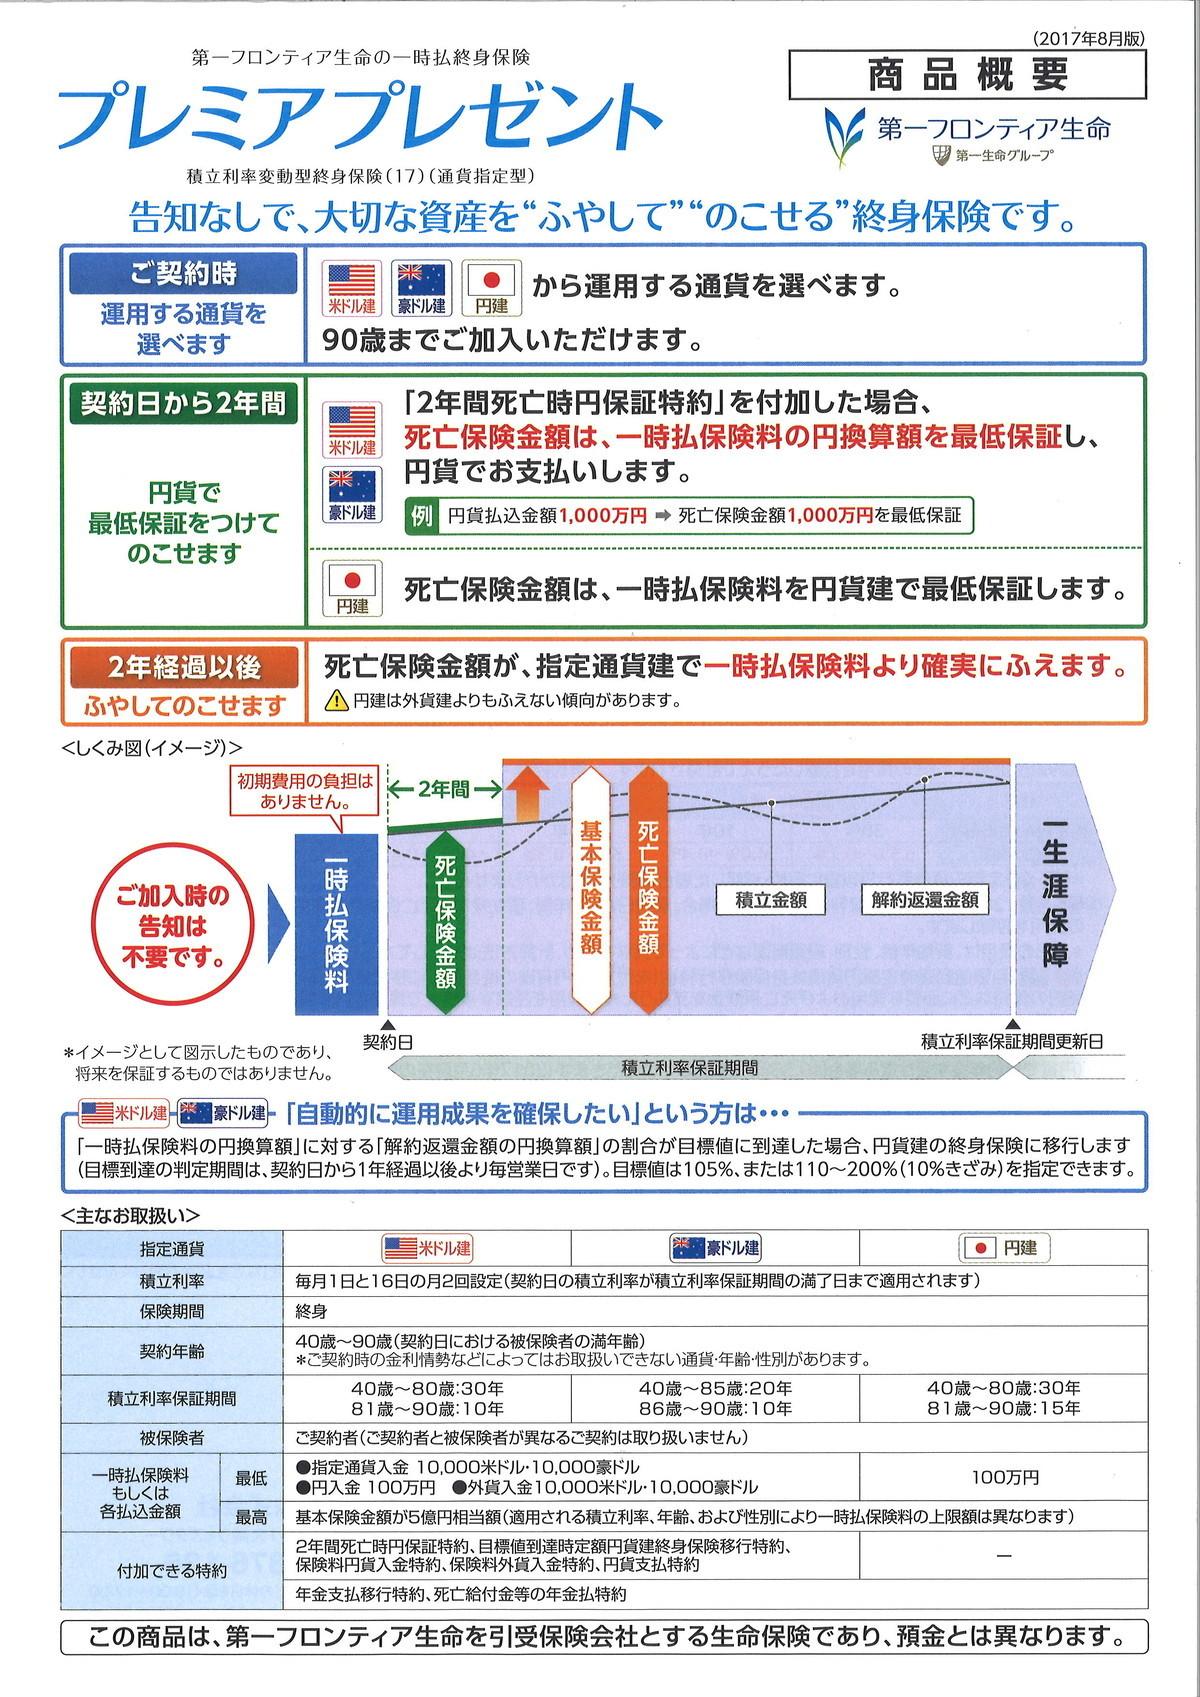 ミューチュアル 生命 保険 マス